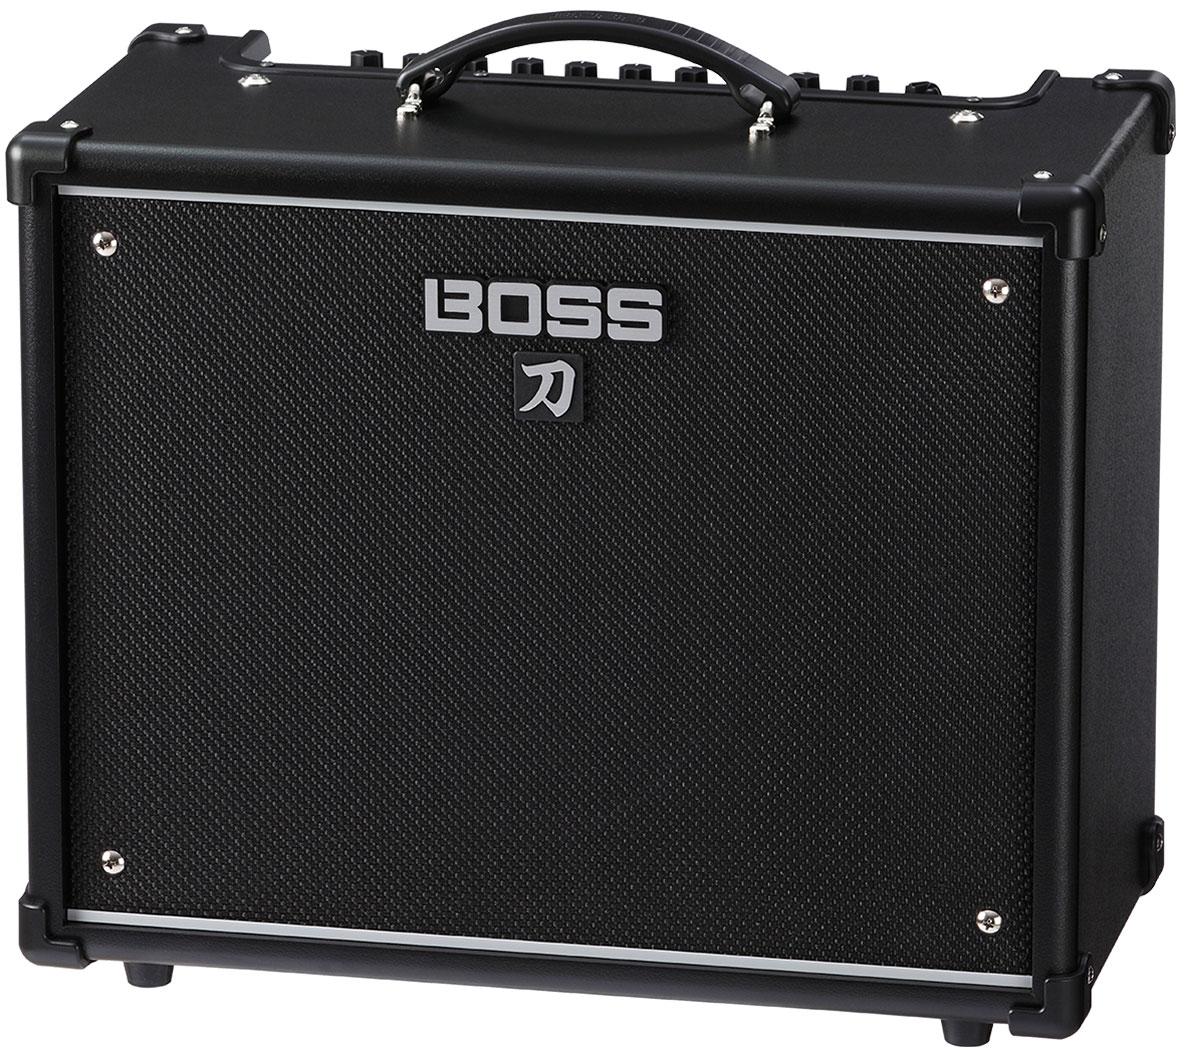 rex and the bass boss ktn 50 katana 50 guitar amplifier review. Black Bedroom Furniture Sets. Home Design Ideas